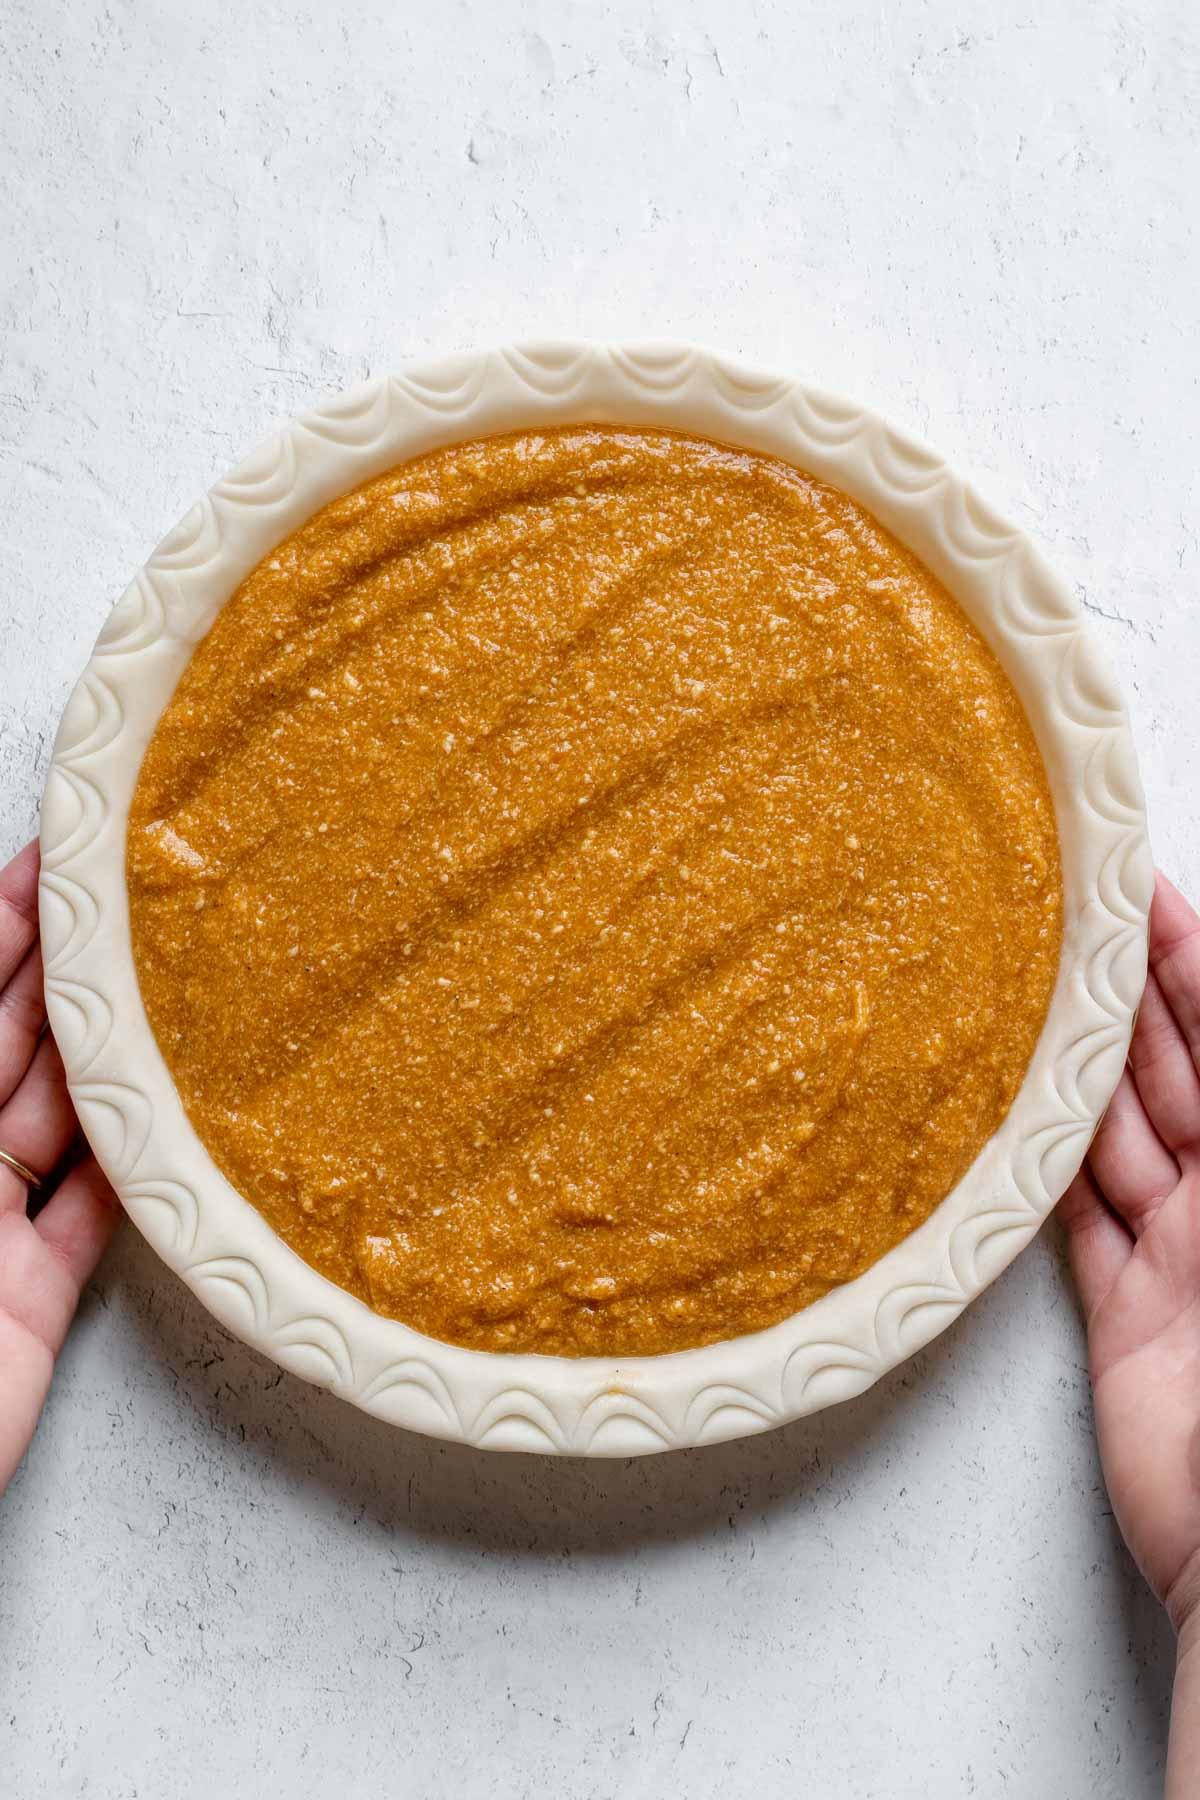 Sweet Potato Pie filling in pie crust